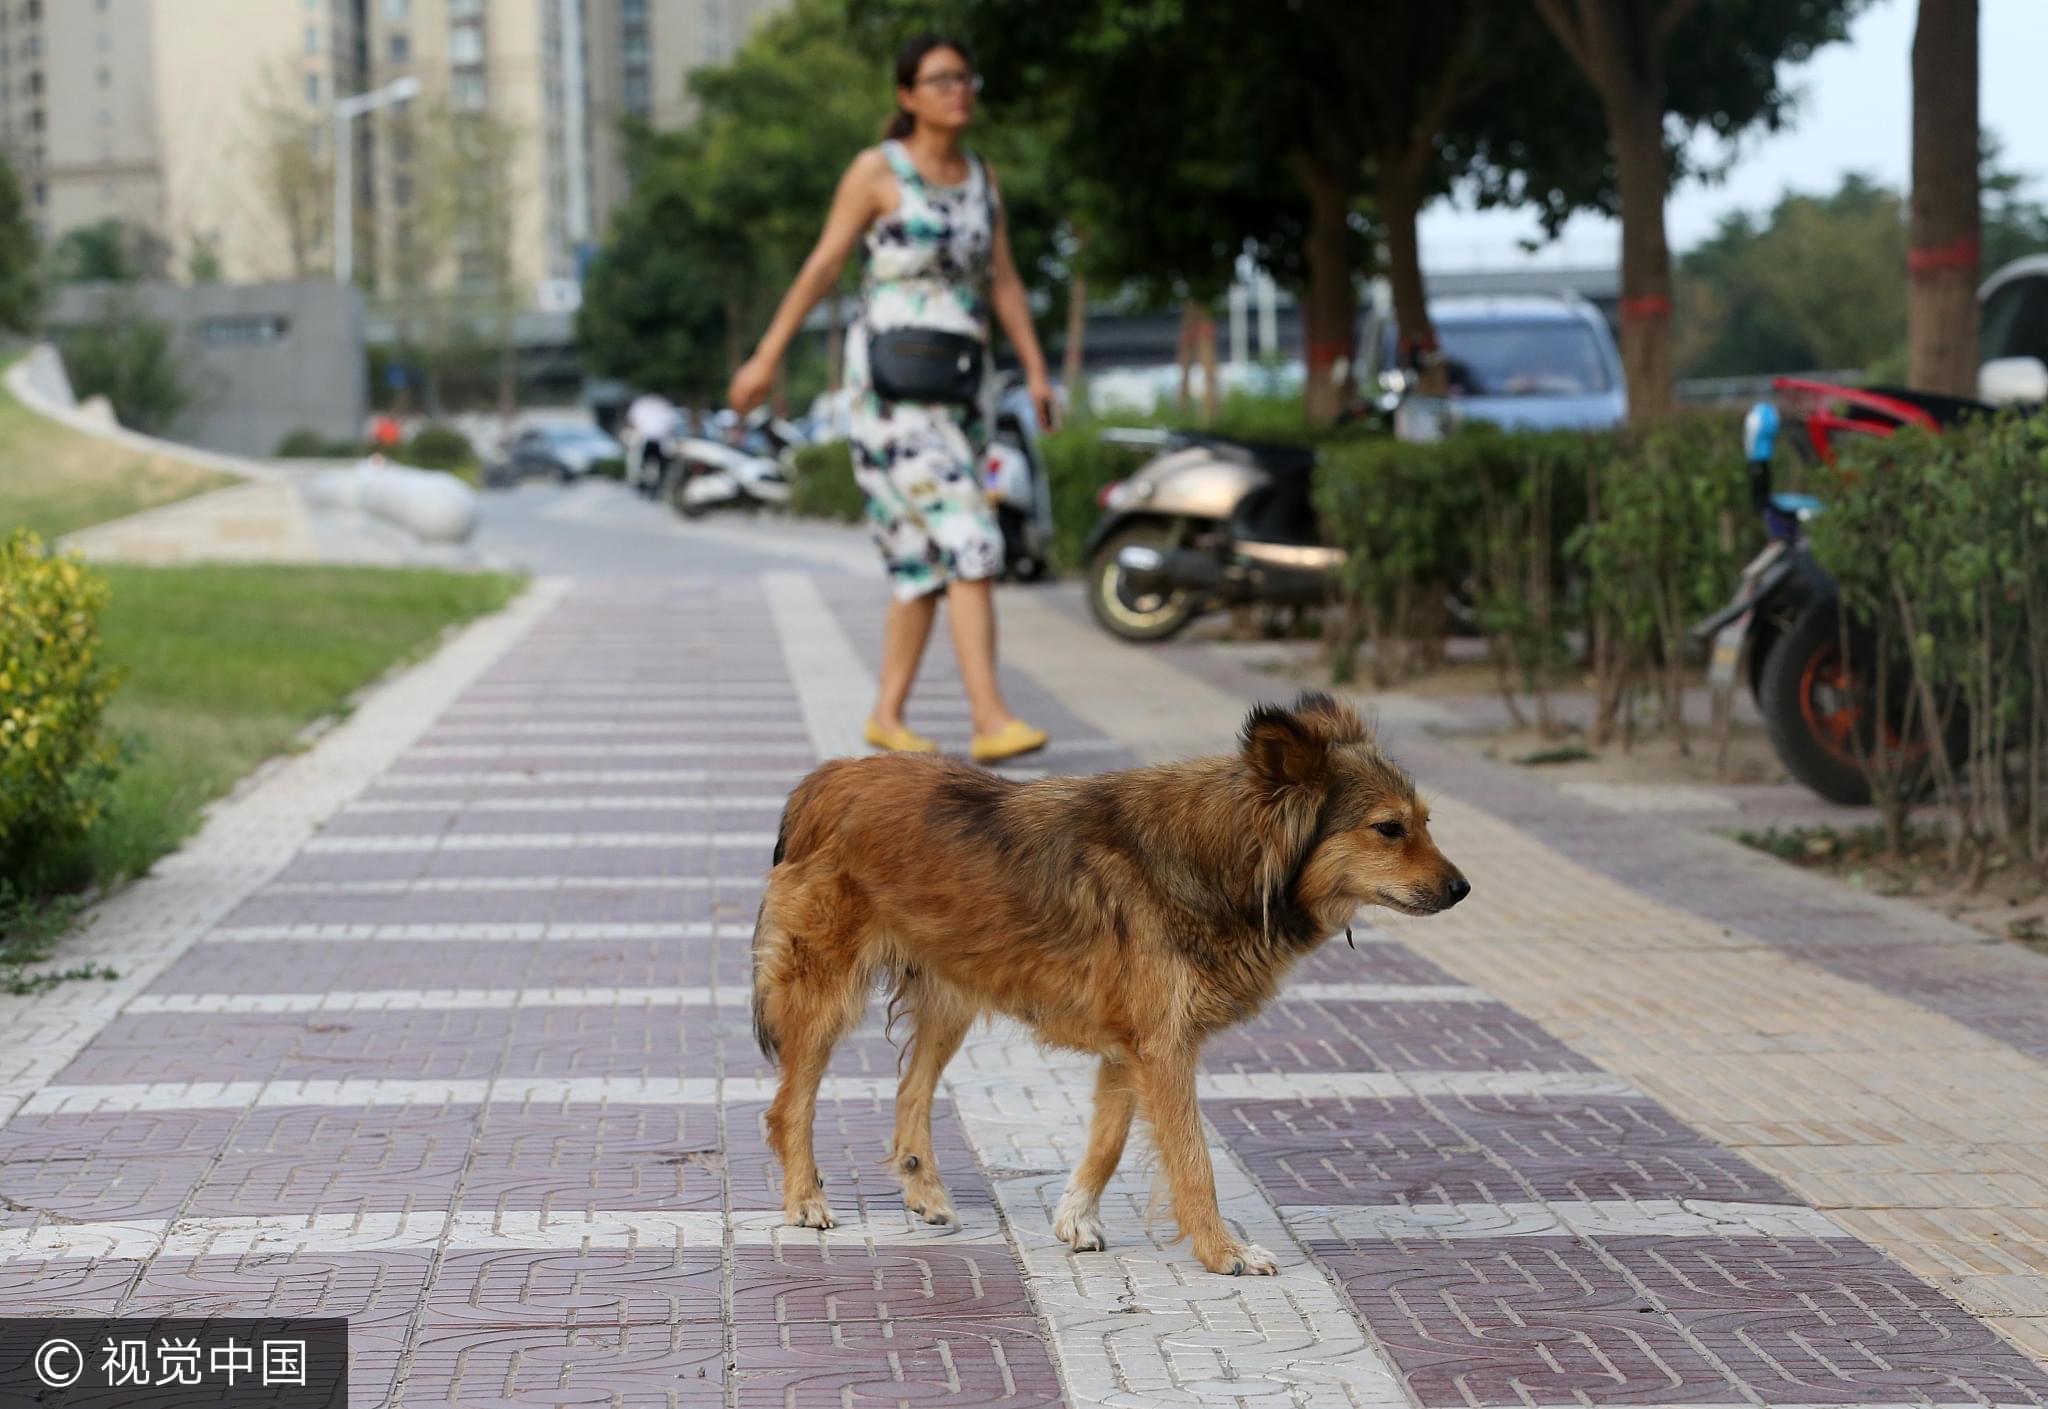 2017年7月30日,西安,流浪狗在街头乱窜,你能看出这只狗是否得病吗/视觉中国